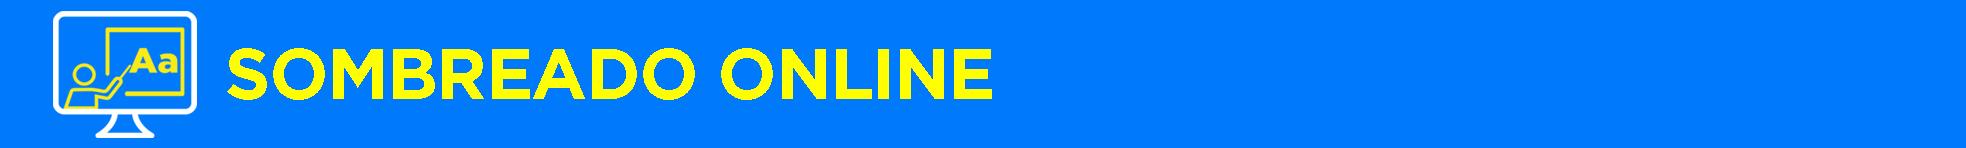 Banner título Sombreado Online